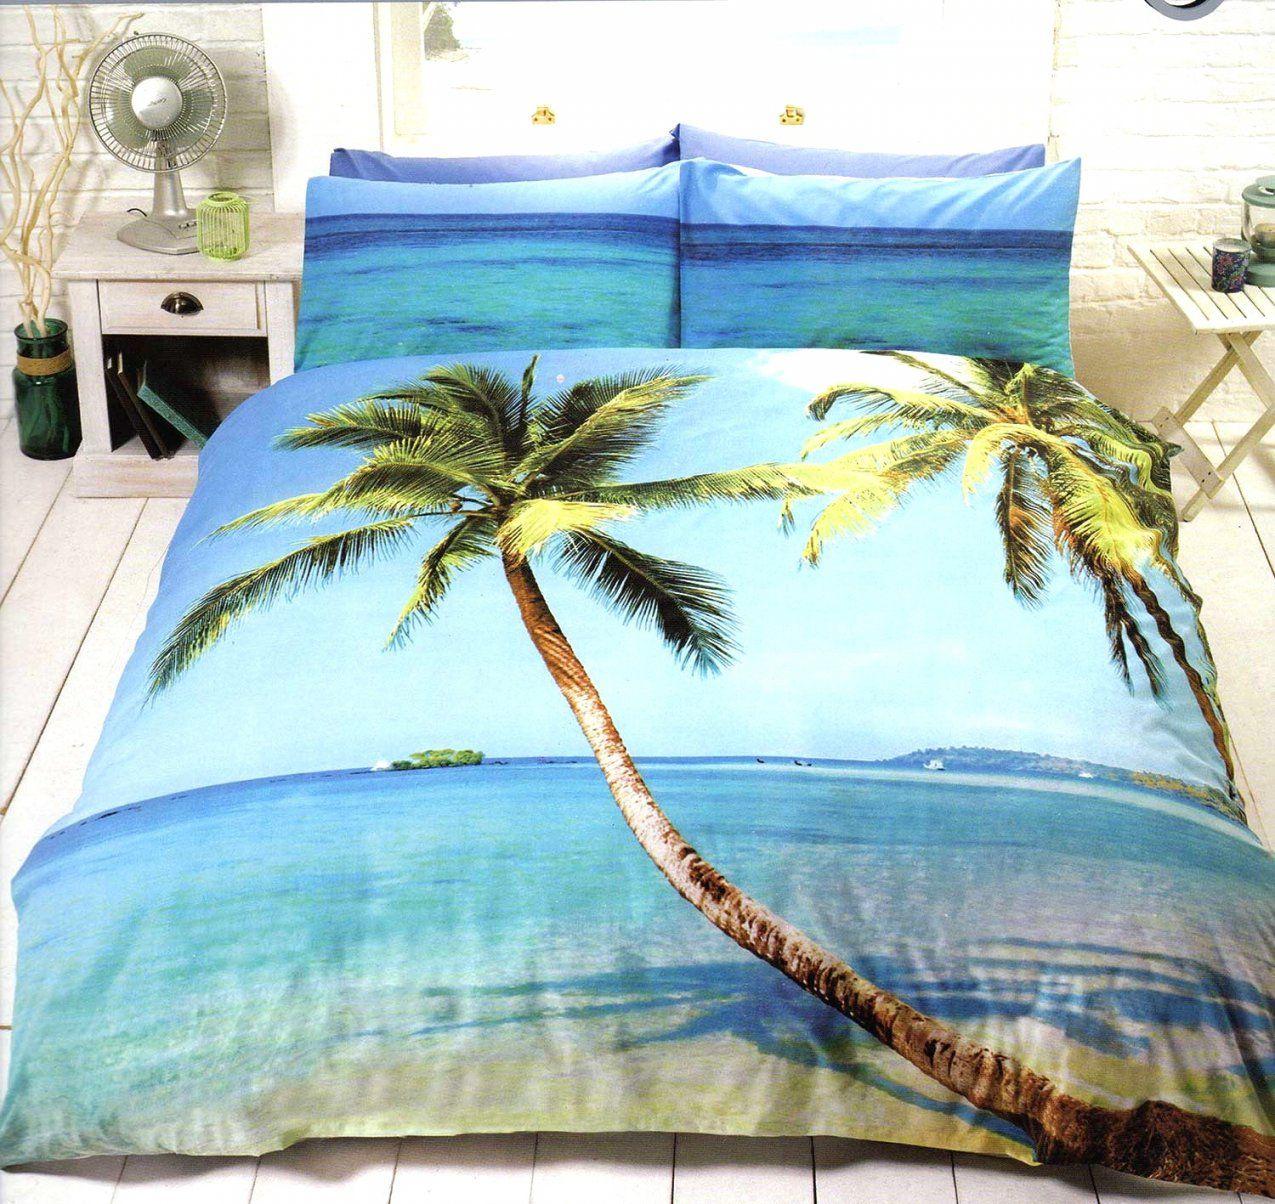 Elegante Ideen Bettwäsche Palmen Und Angenehme Paradise Beach Sonne von Bettwäsche Palmen Motiv Bild